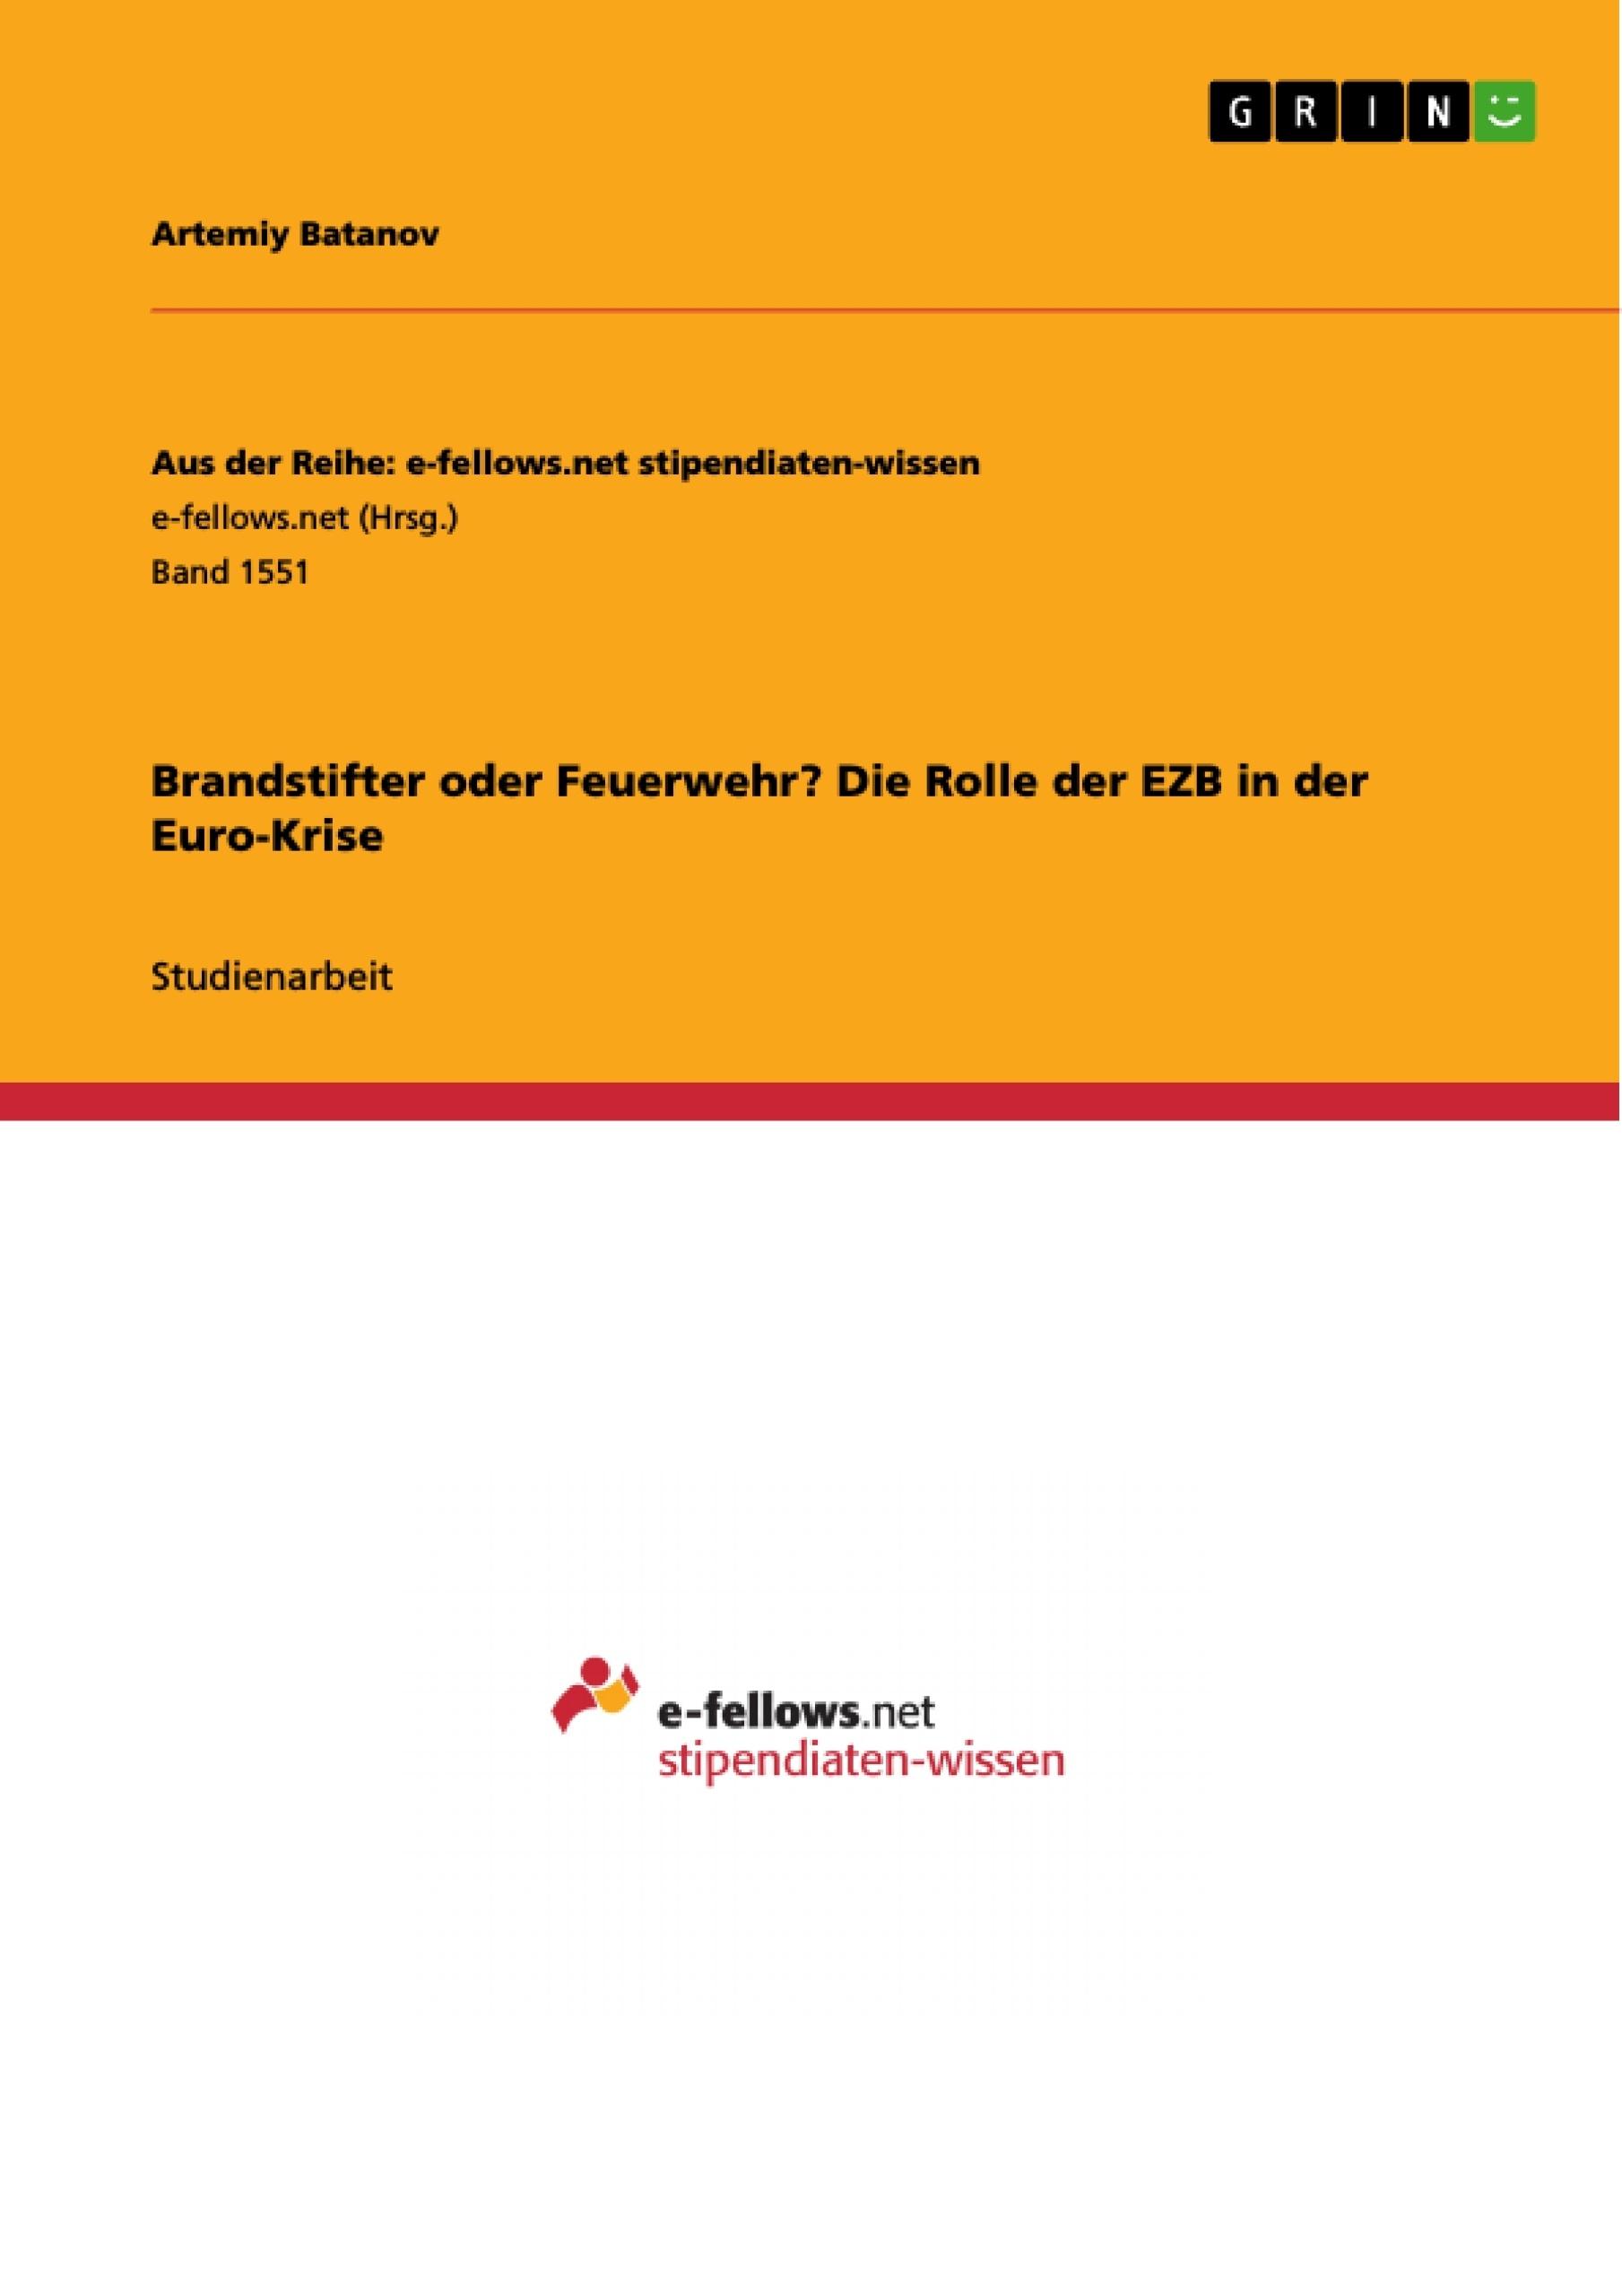 Titel: Brandstifter oder Feuerwehr? Die Rolle der EZB in der Euro-Krise